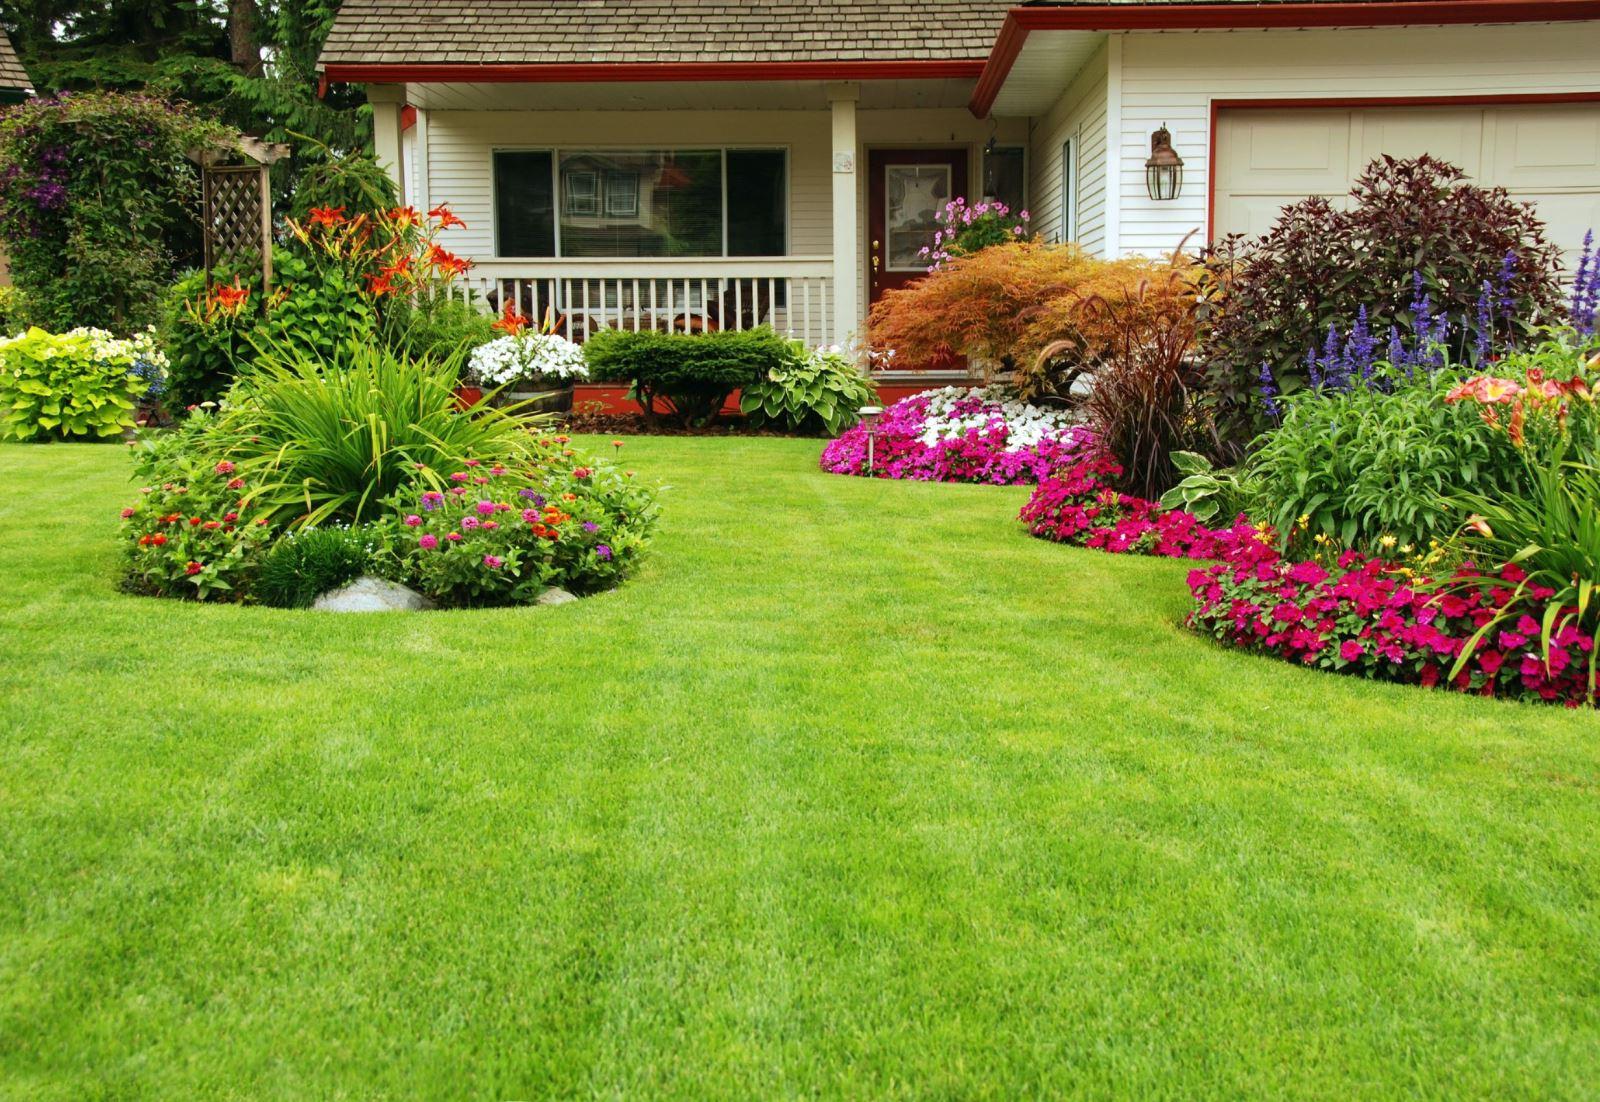 Уход за травой включает: полив, прополку, внесение удобрений и скос